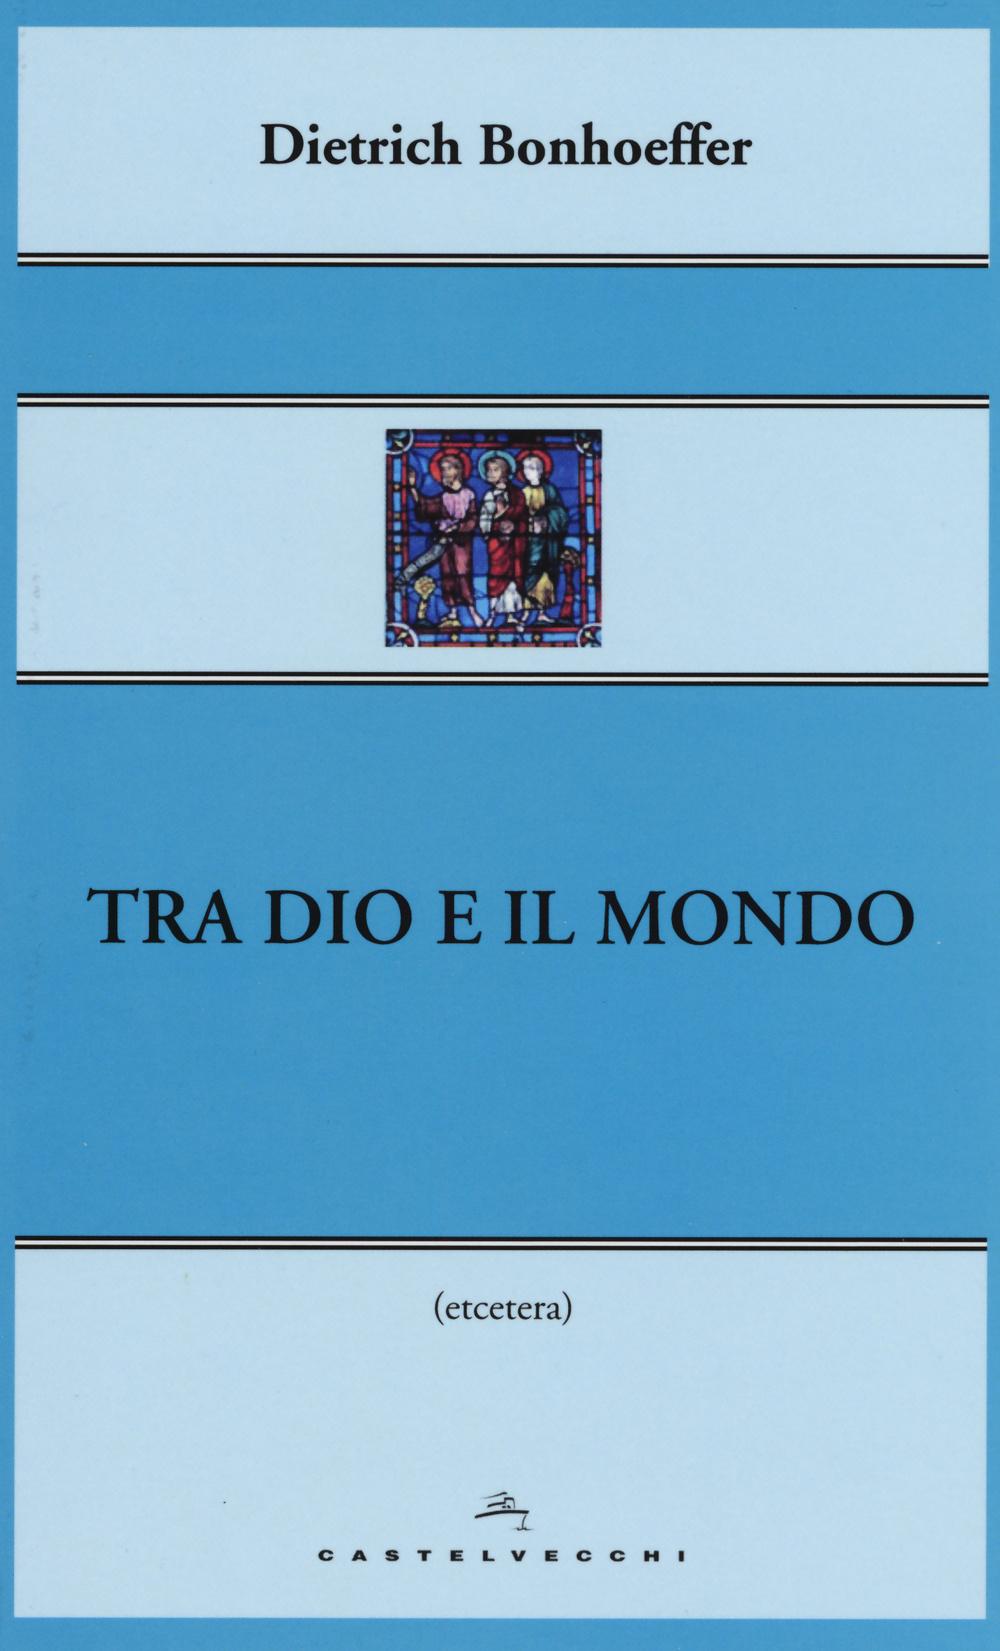 TRA DIO E IL MONDO - 9788869440762